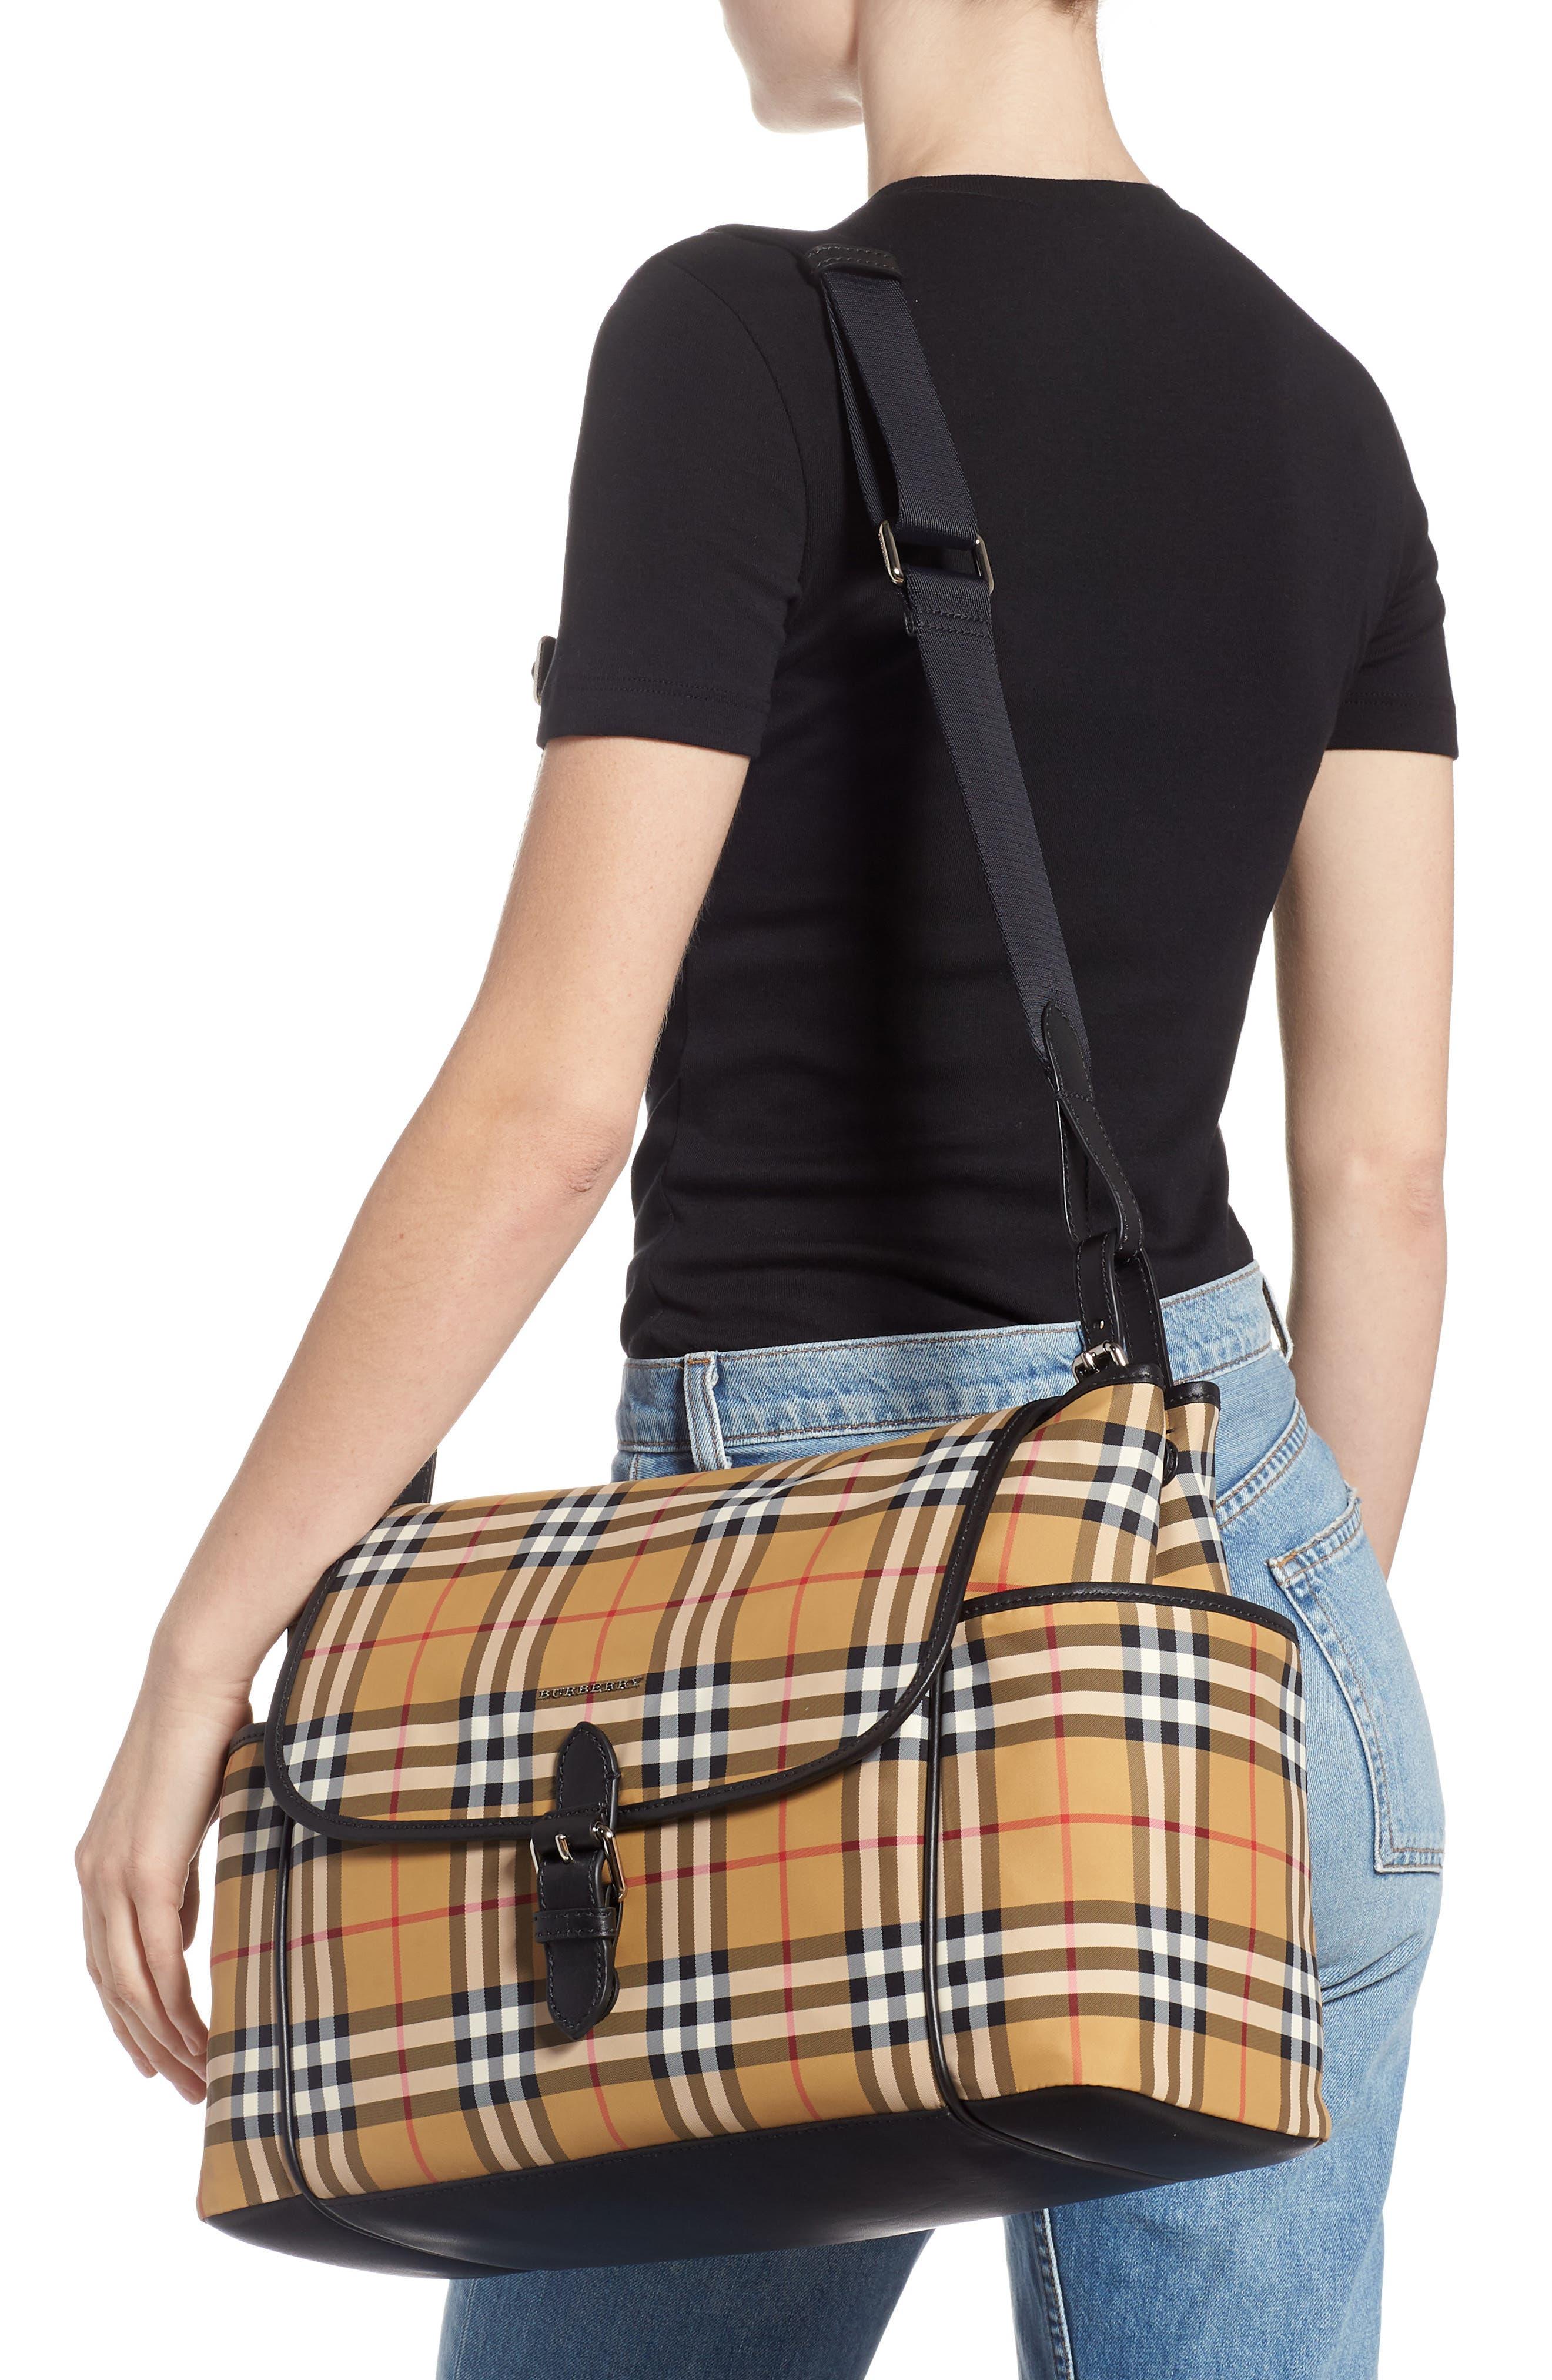 BURBERRY, Flap Diaper Bag, Alternate thumbnail 2, color, ANTIQUE YELLOW/ BLCK